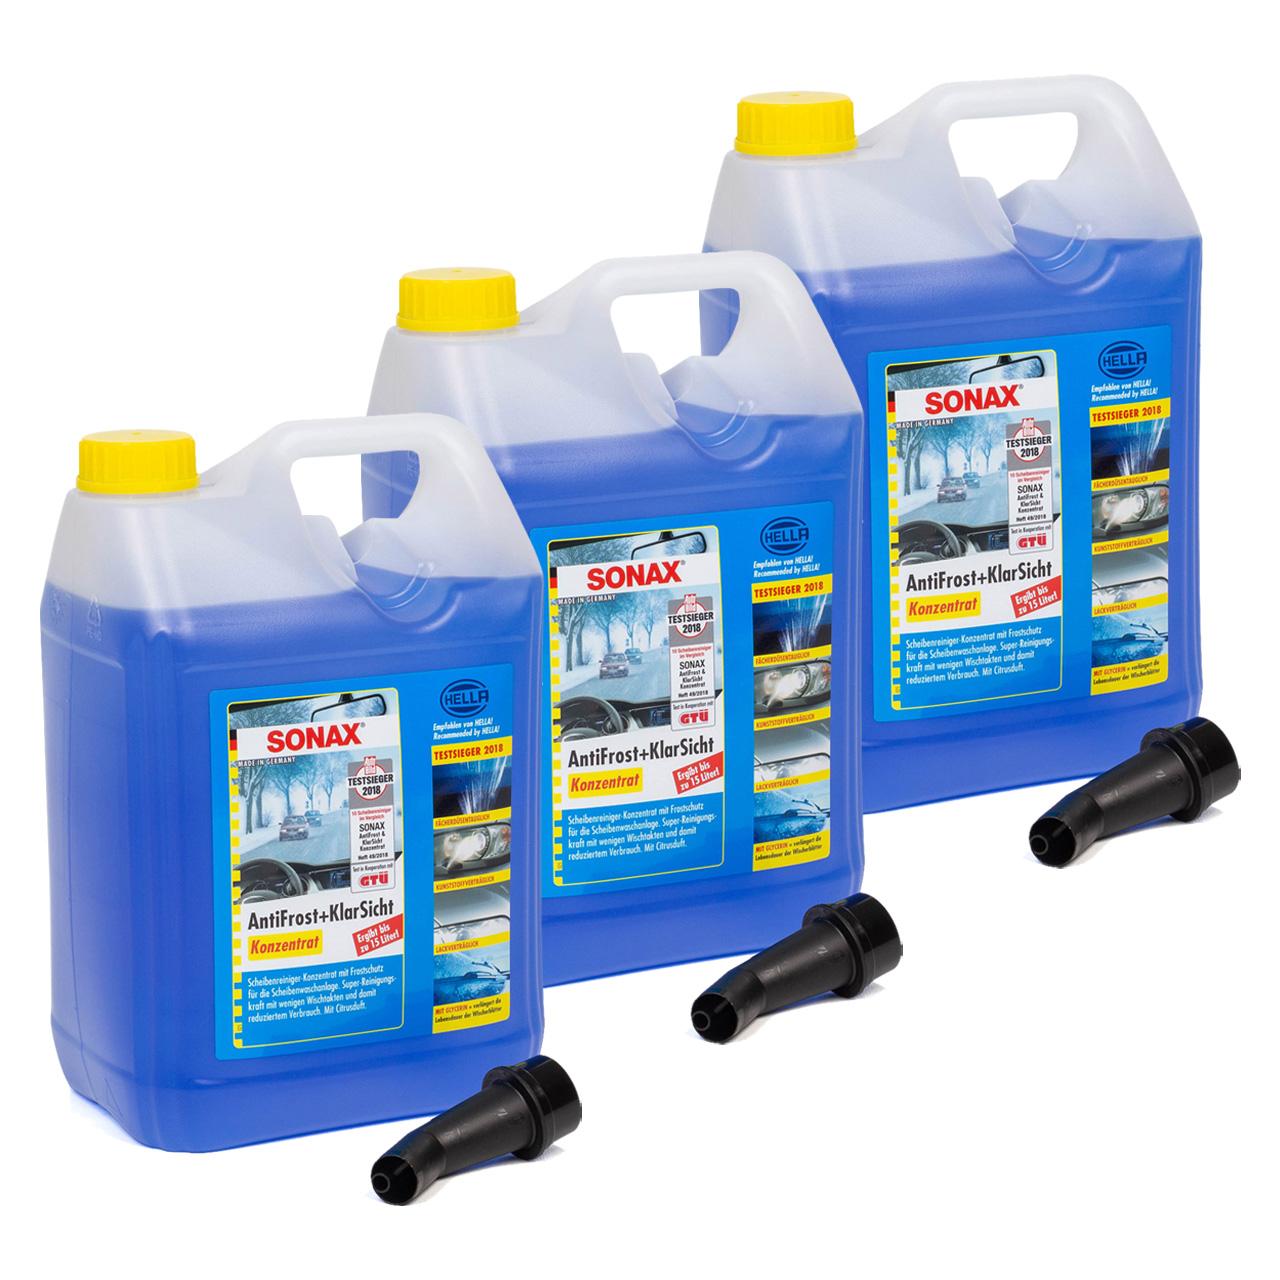 SONAX 332505 Scheiben Frostschutz ANTIFROST & KLARSICHT Konzentrat - 15 Liter